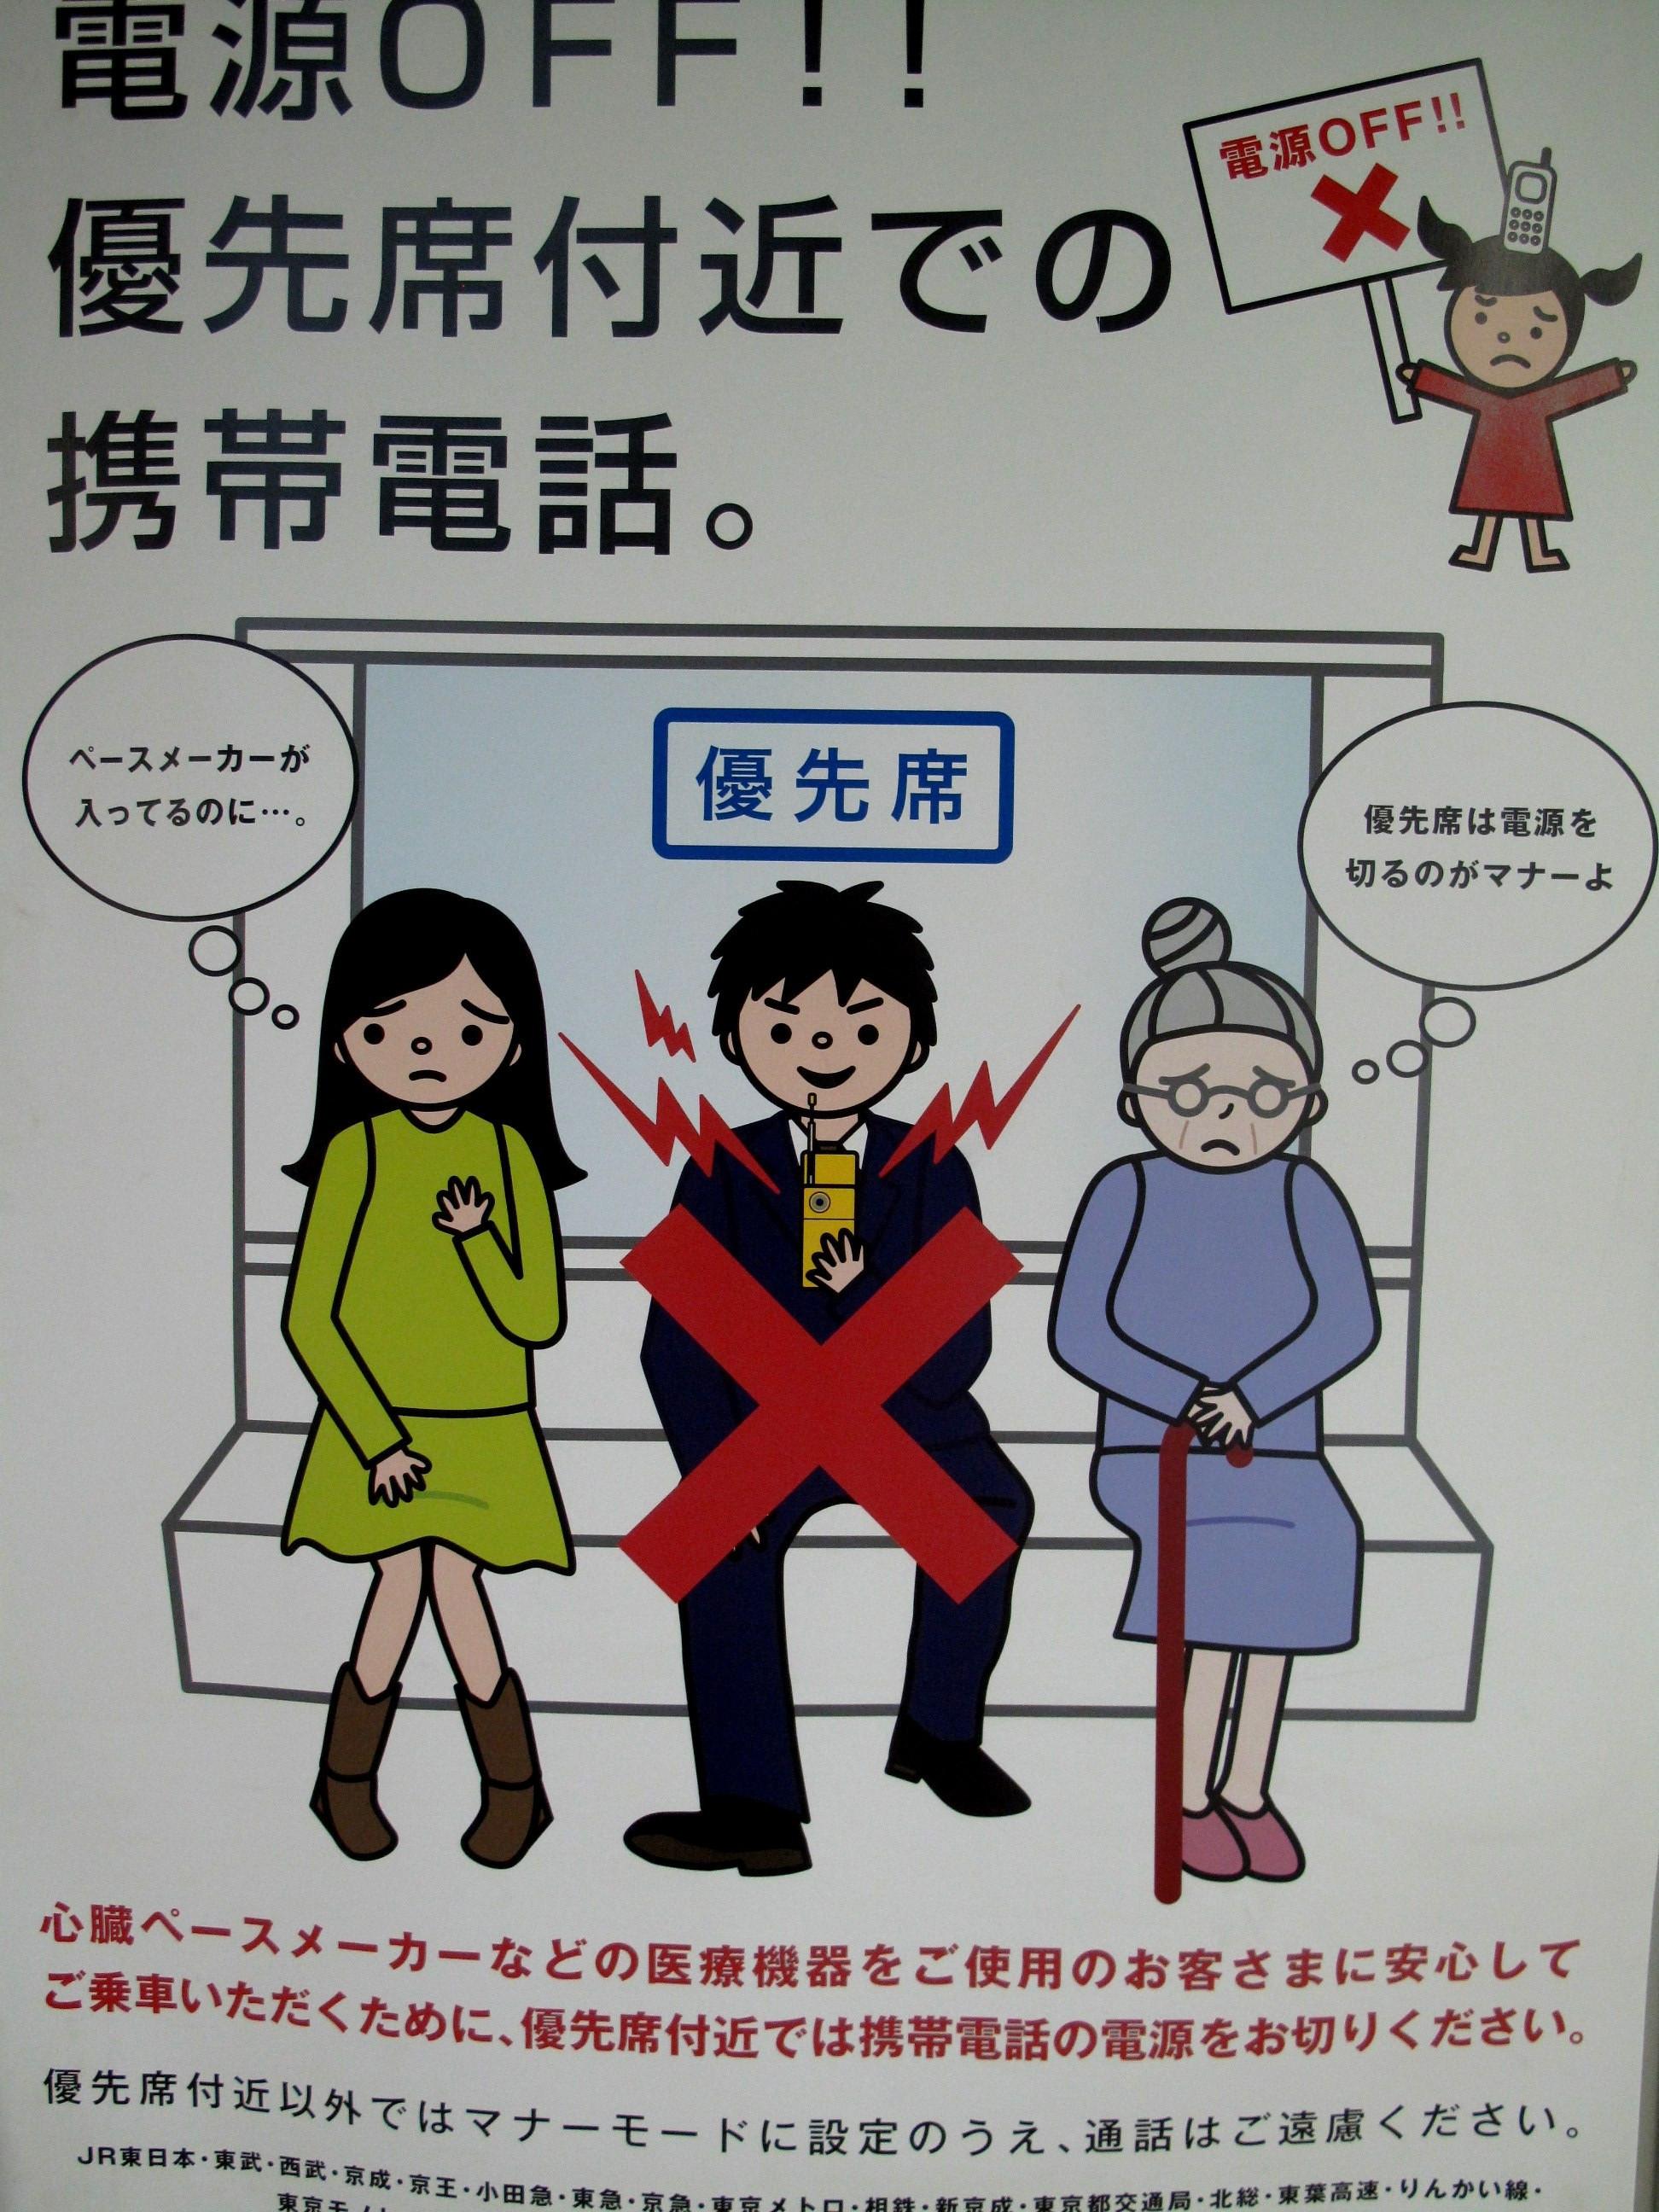 Những điều cấm kỵ khi du lịch Nhật Bản - Nói chuyện trên tàu điện